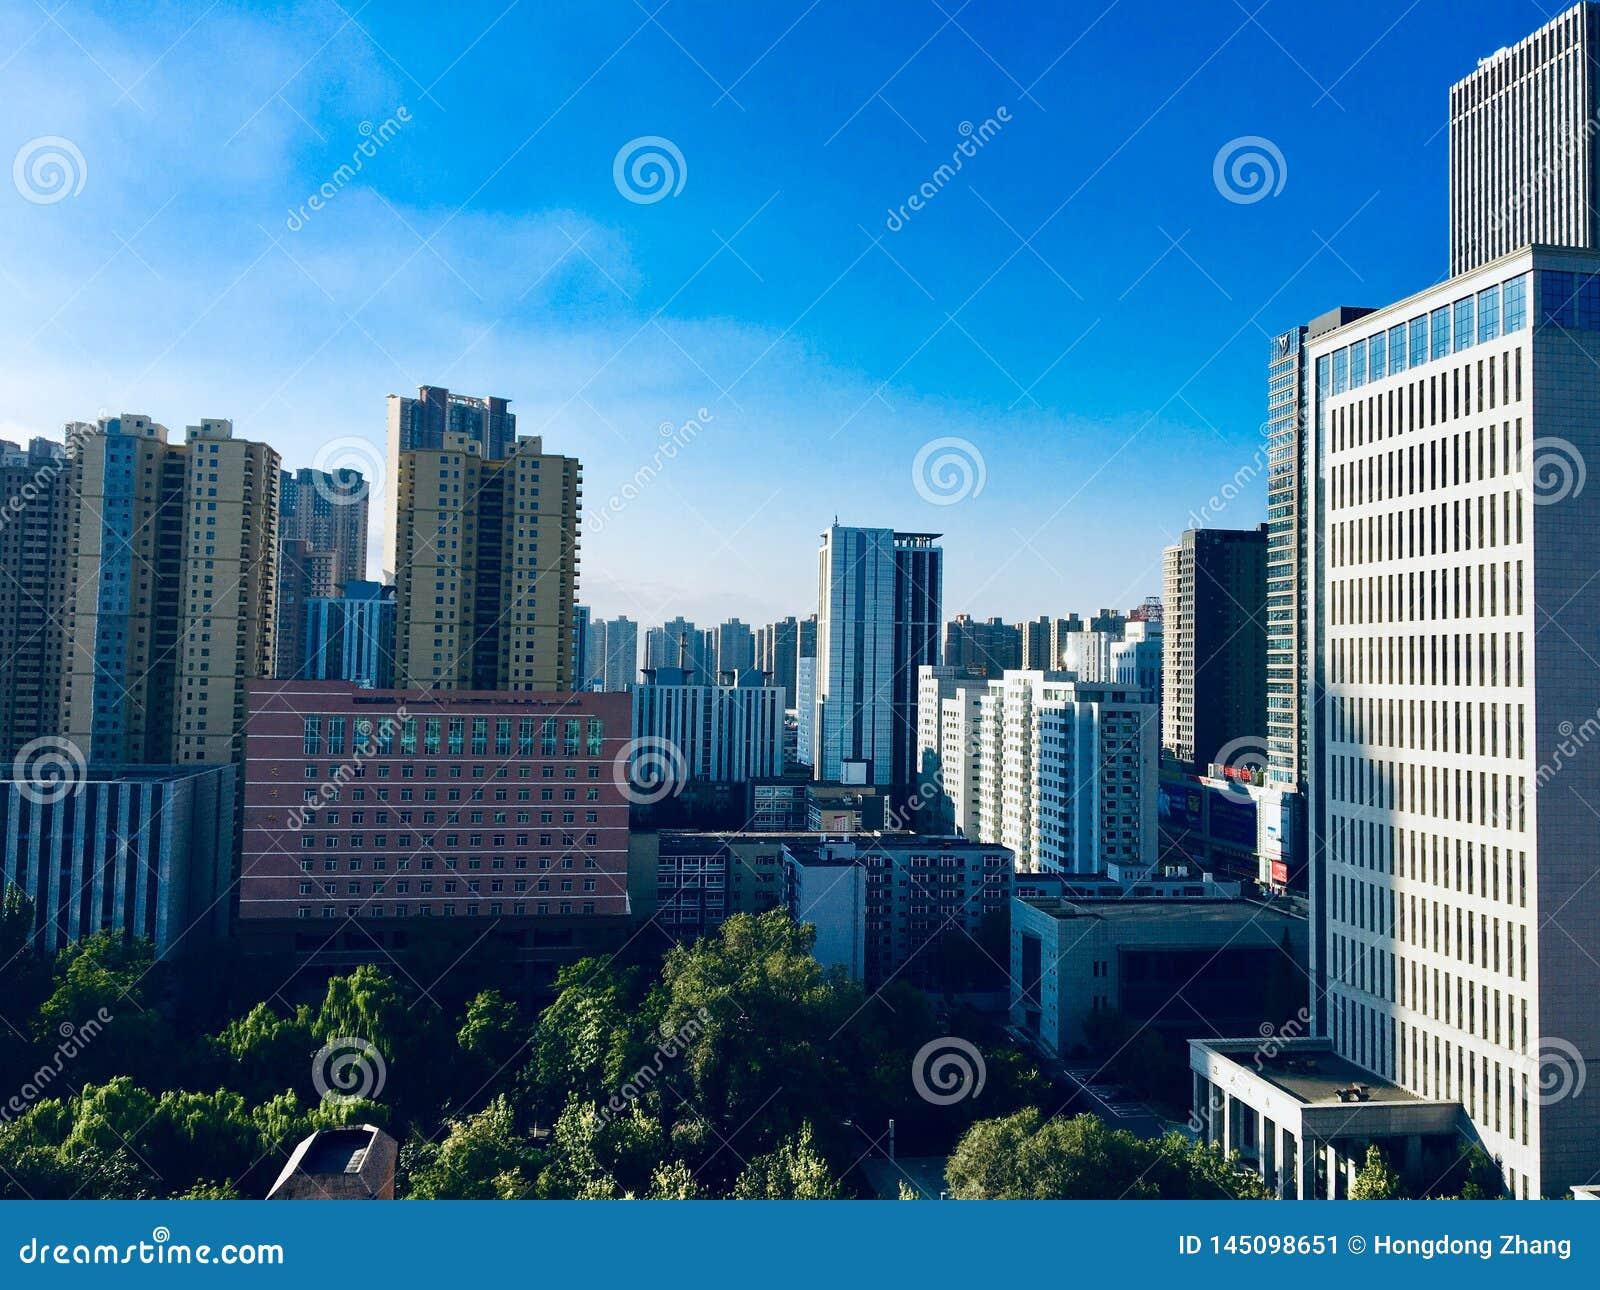 Svegli di mattina, vedendo le file degli edifici alti ordinatamente sistemati nel centro urbano di Shenyang